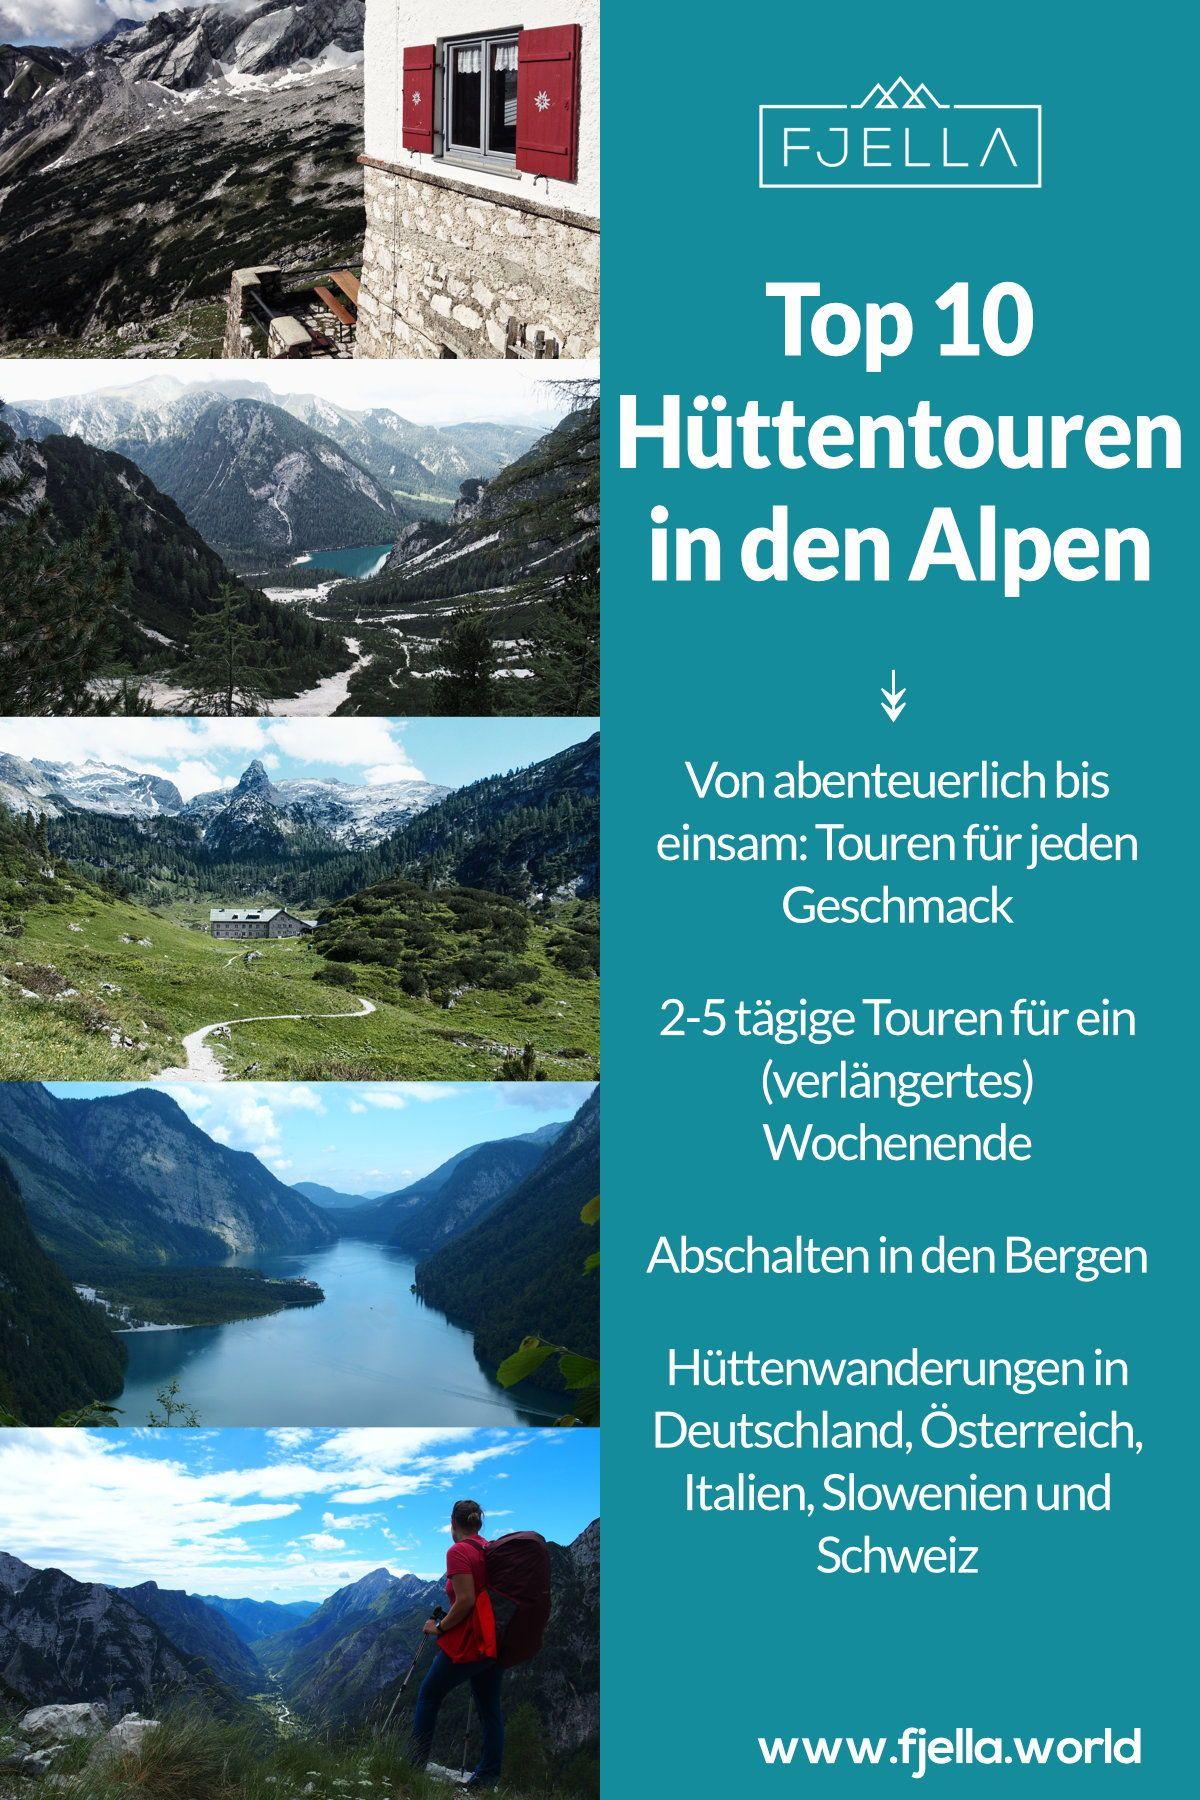 10 grandiose Hüttenwanderungen in den Alpen für 2-5 Tage #holidaytrip